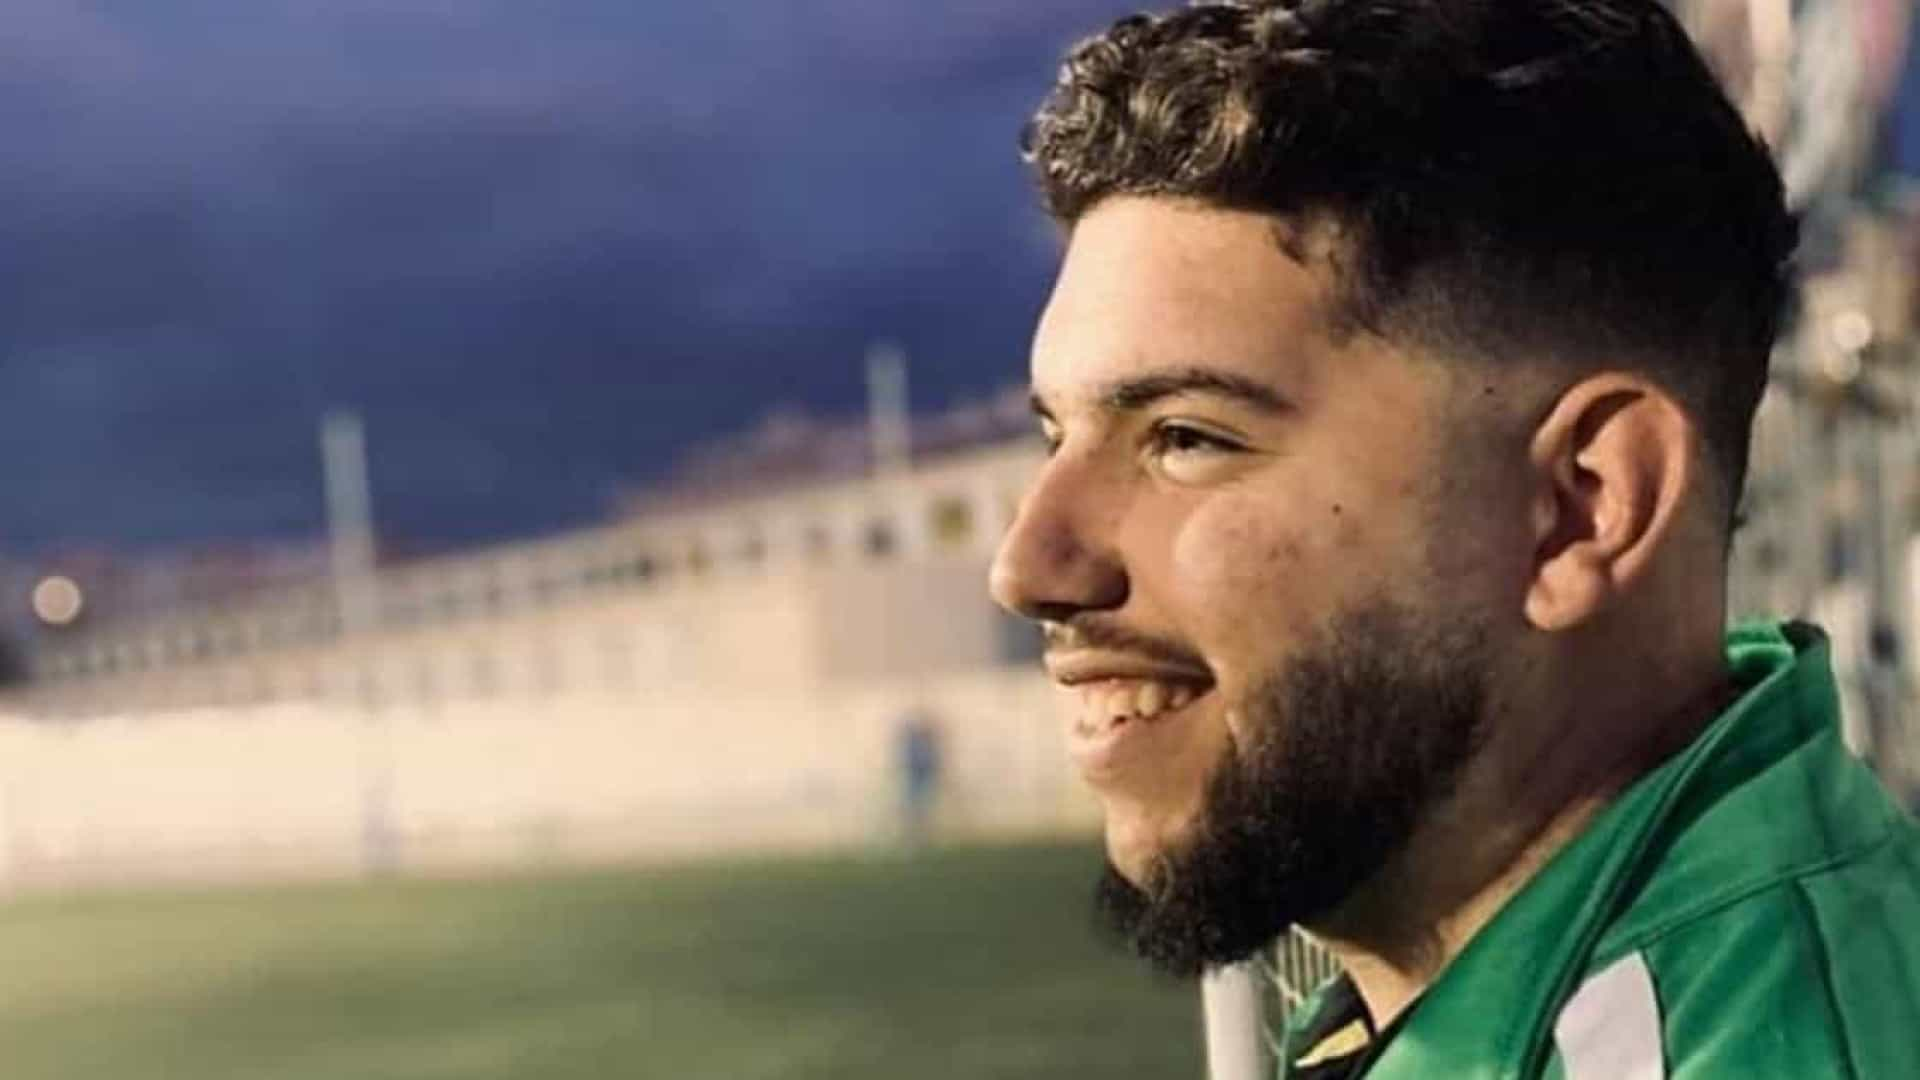 Técnico de futebol na Espanha morre aos 21, vítima de coronavírus